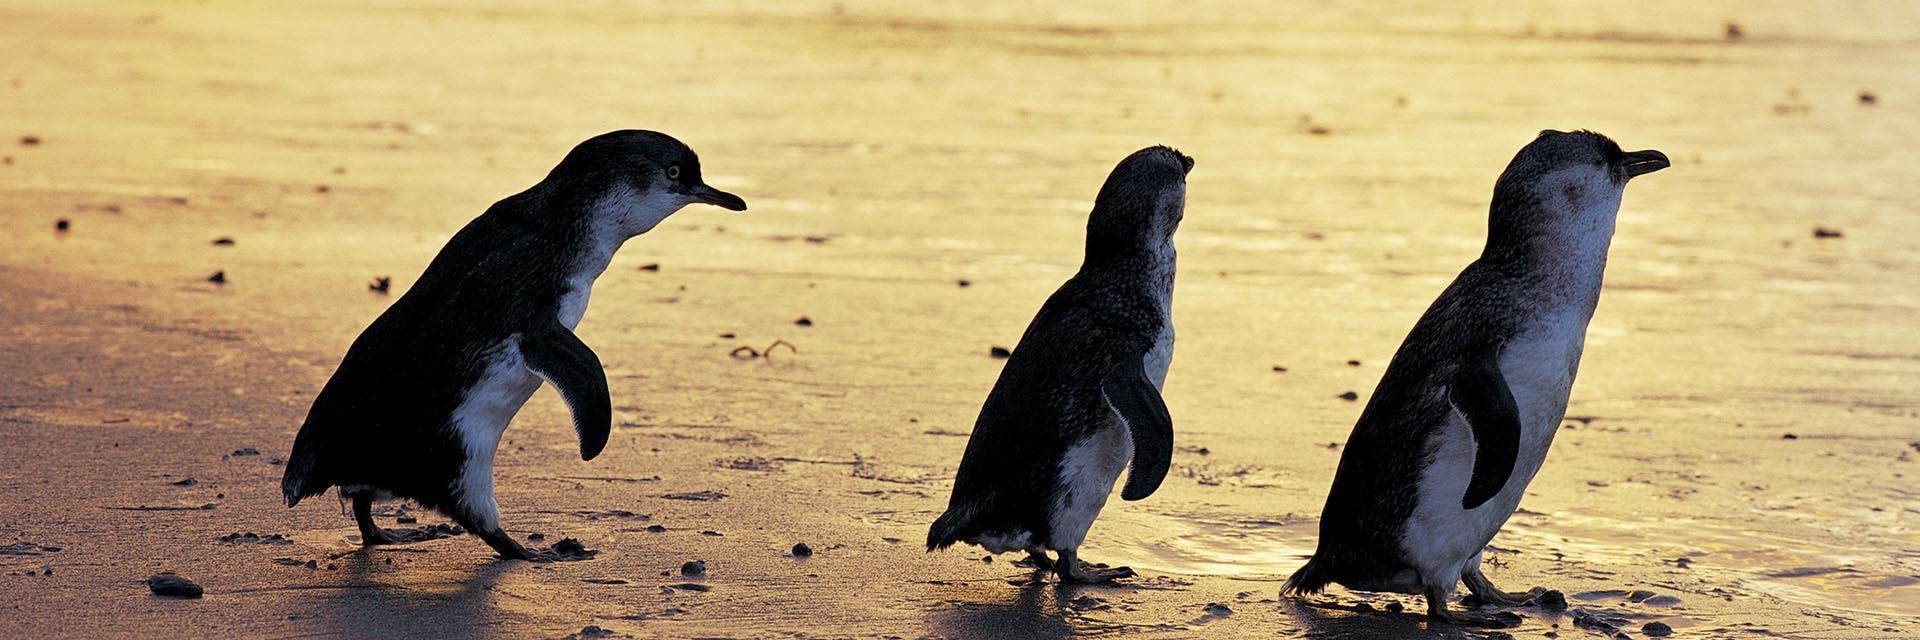 企鵝島 (Phillip Island)一天遊詳細行程介紹 - Melbourne Tiny Tours